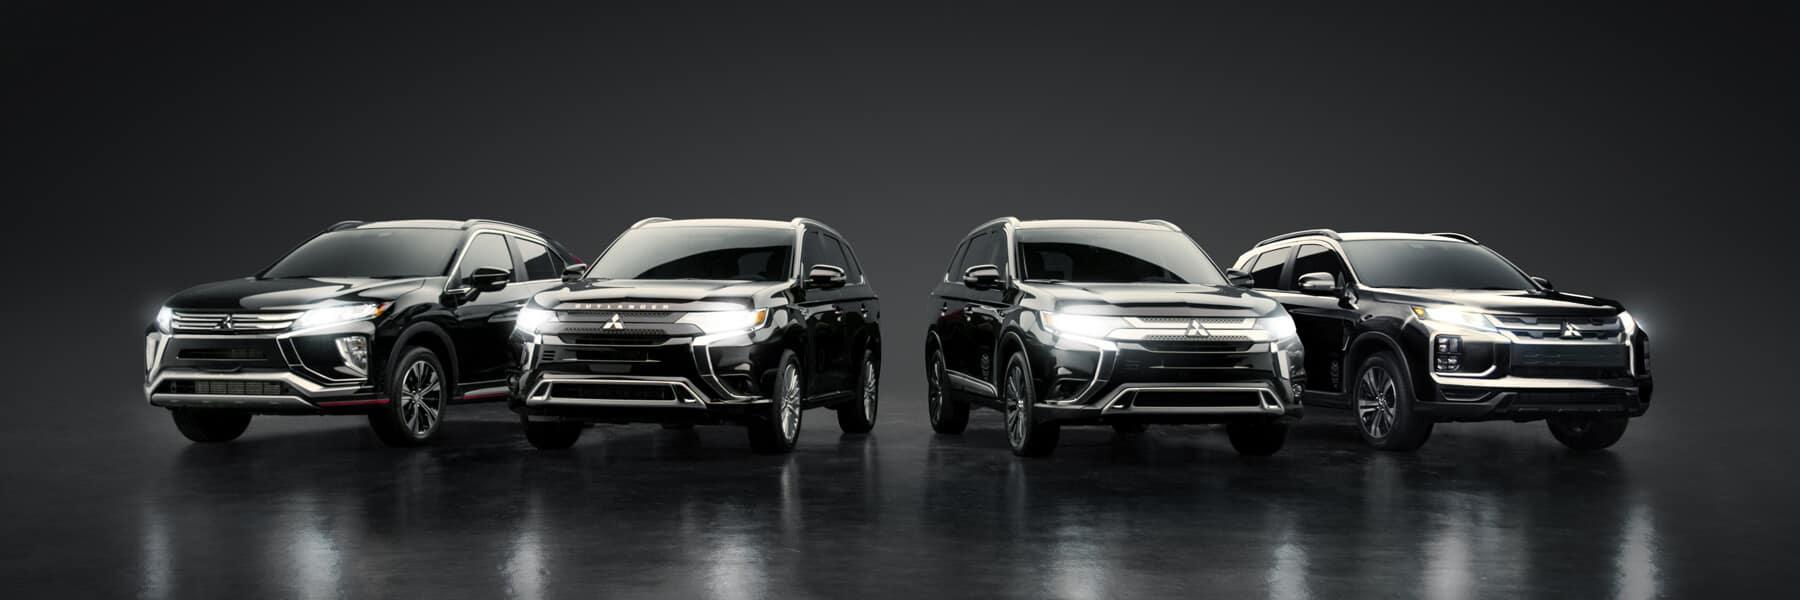 2021 Mitsubishi Redesigned Models Slider